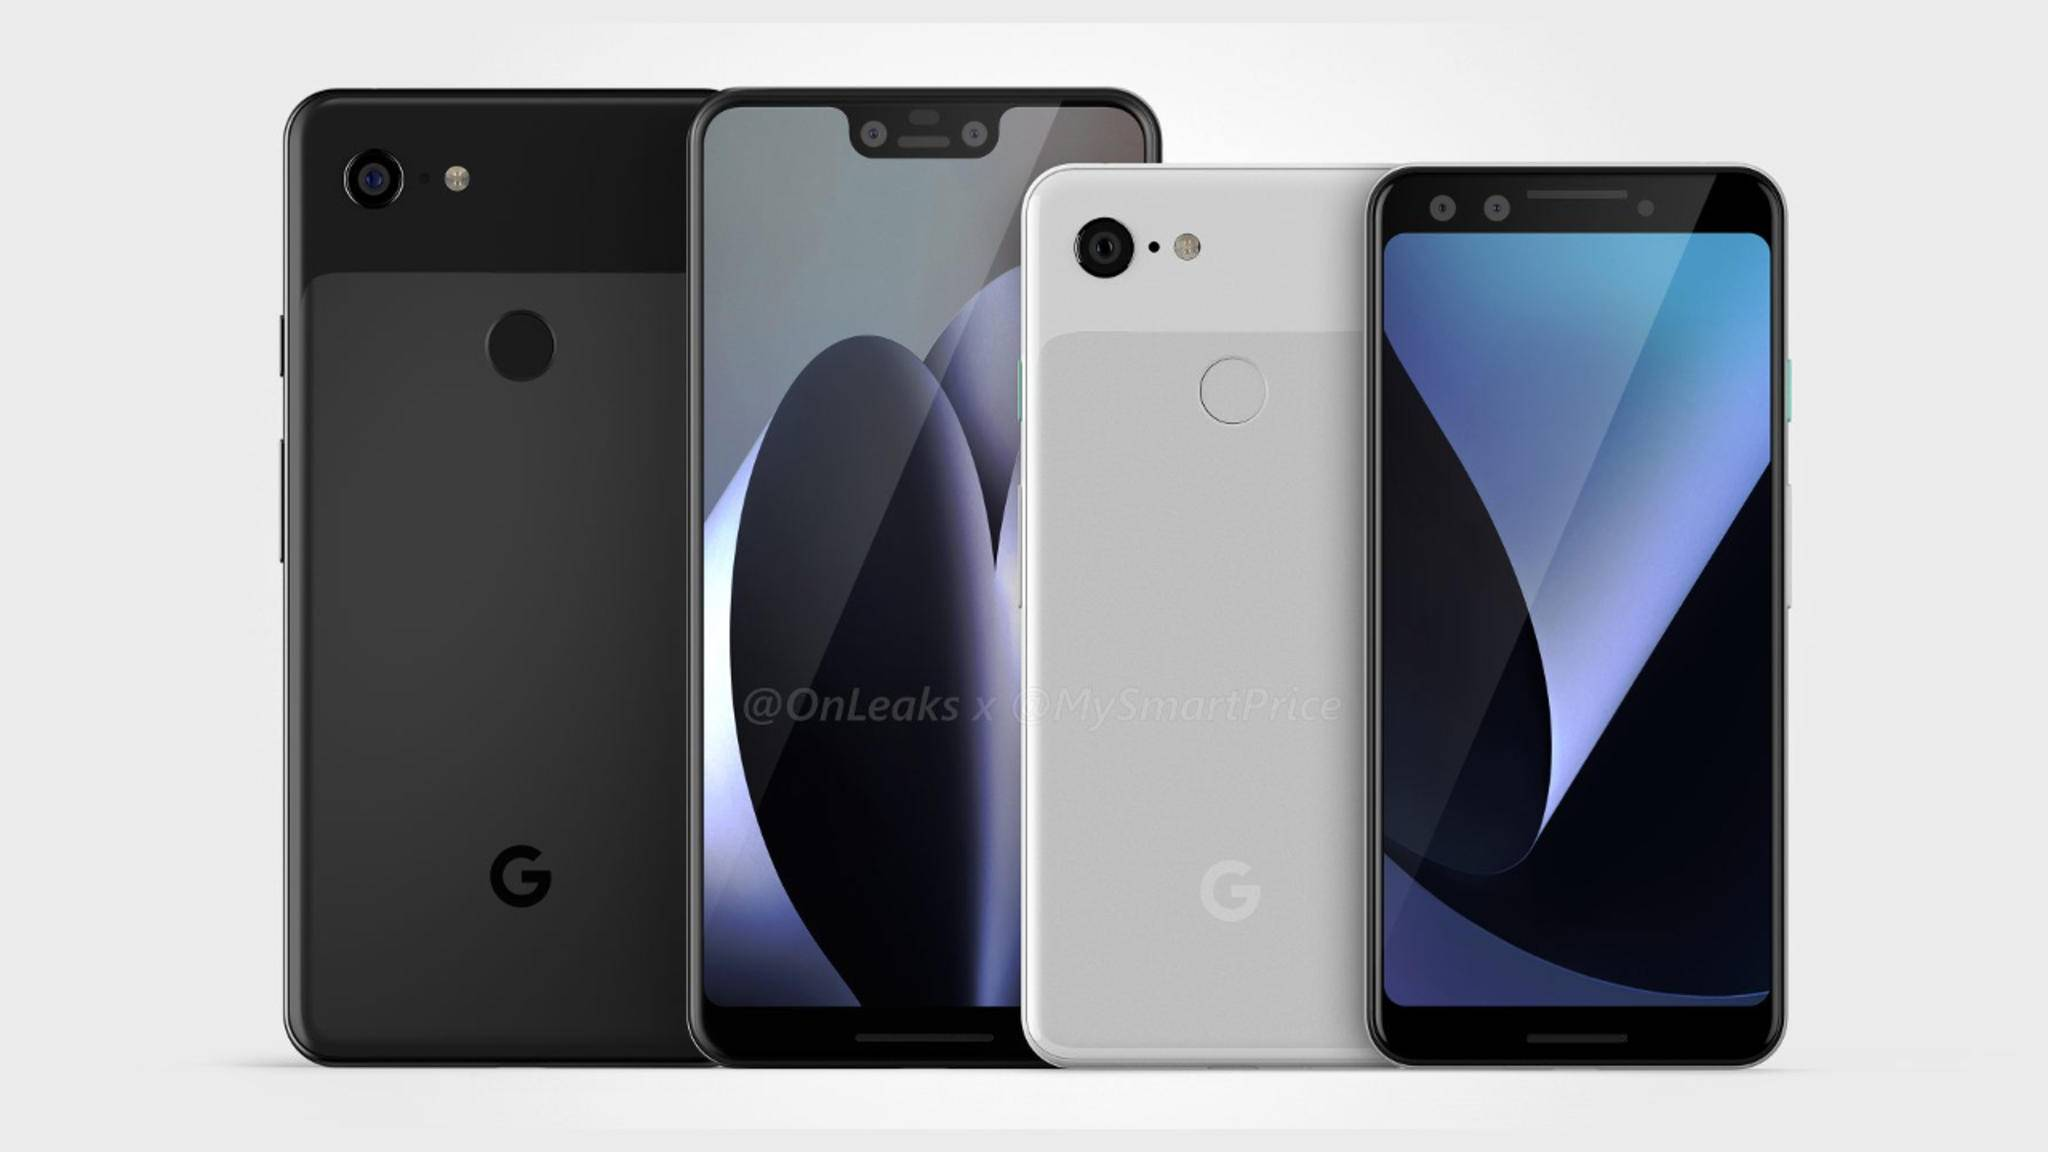 So sollen Google Pixel 3 XL (links) und Google Pixel 3 (rechts) aussehen.